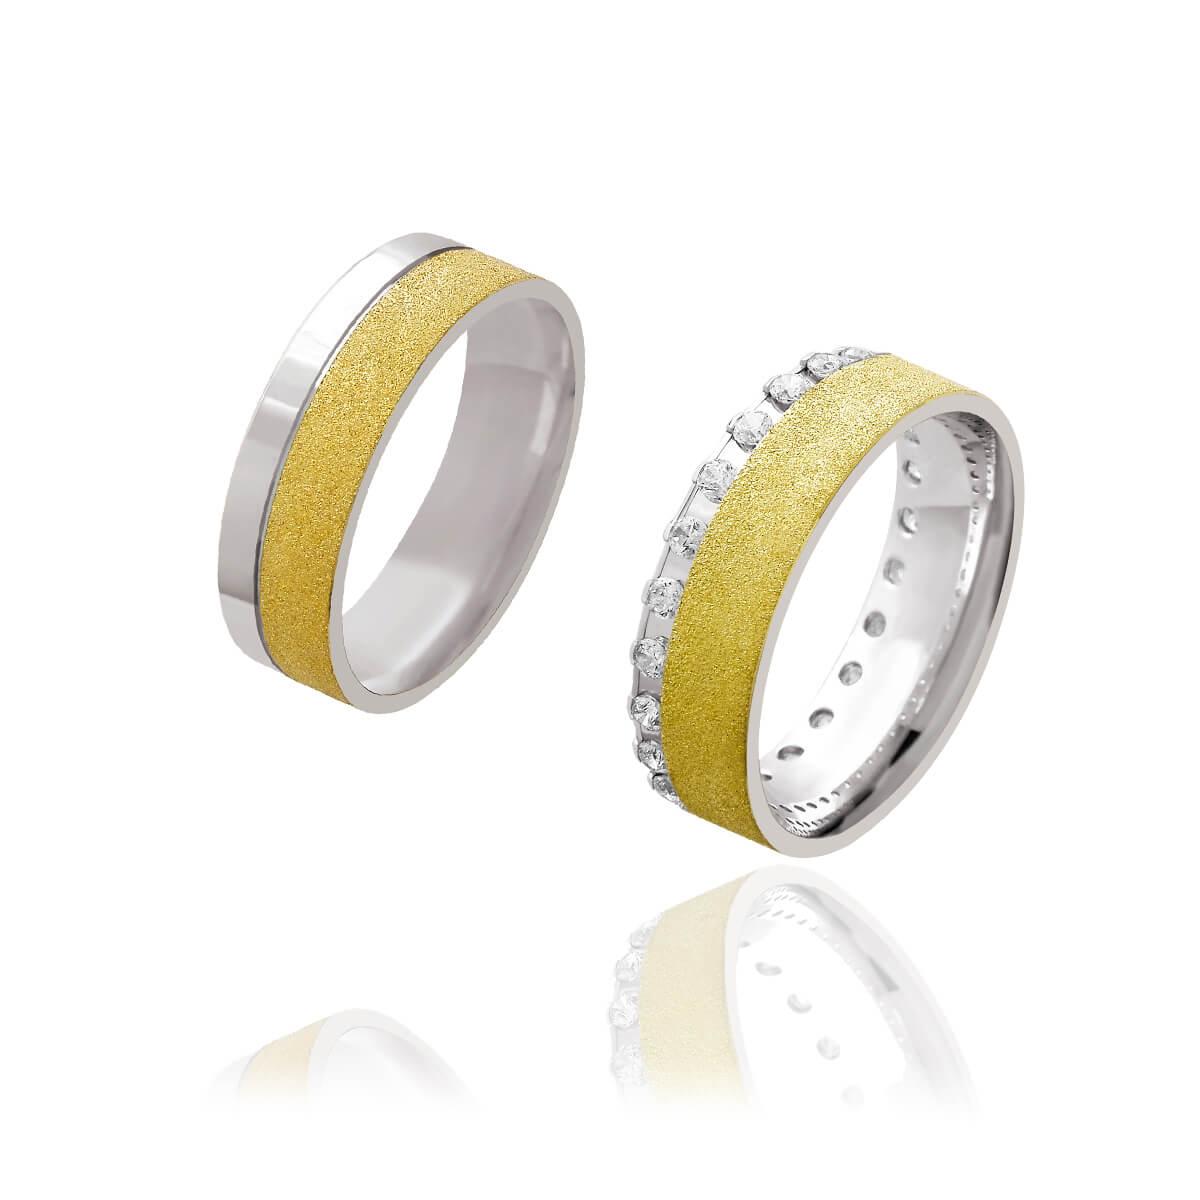 Par de Alianças de Casamento Afrodite Ouro 18k Branco com Aplique de Ouro 18k Diamantado 6mm 14g